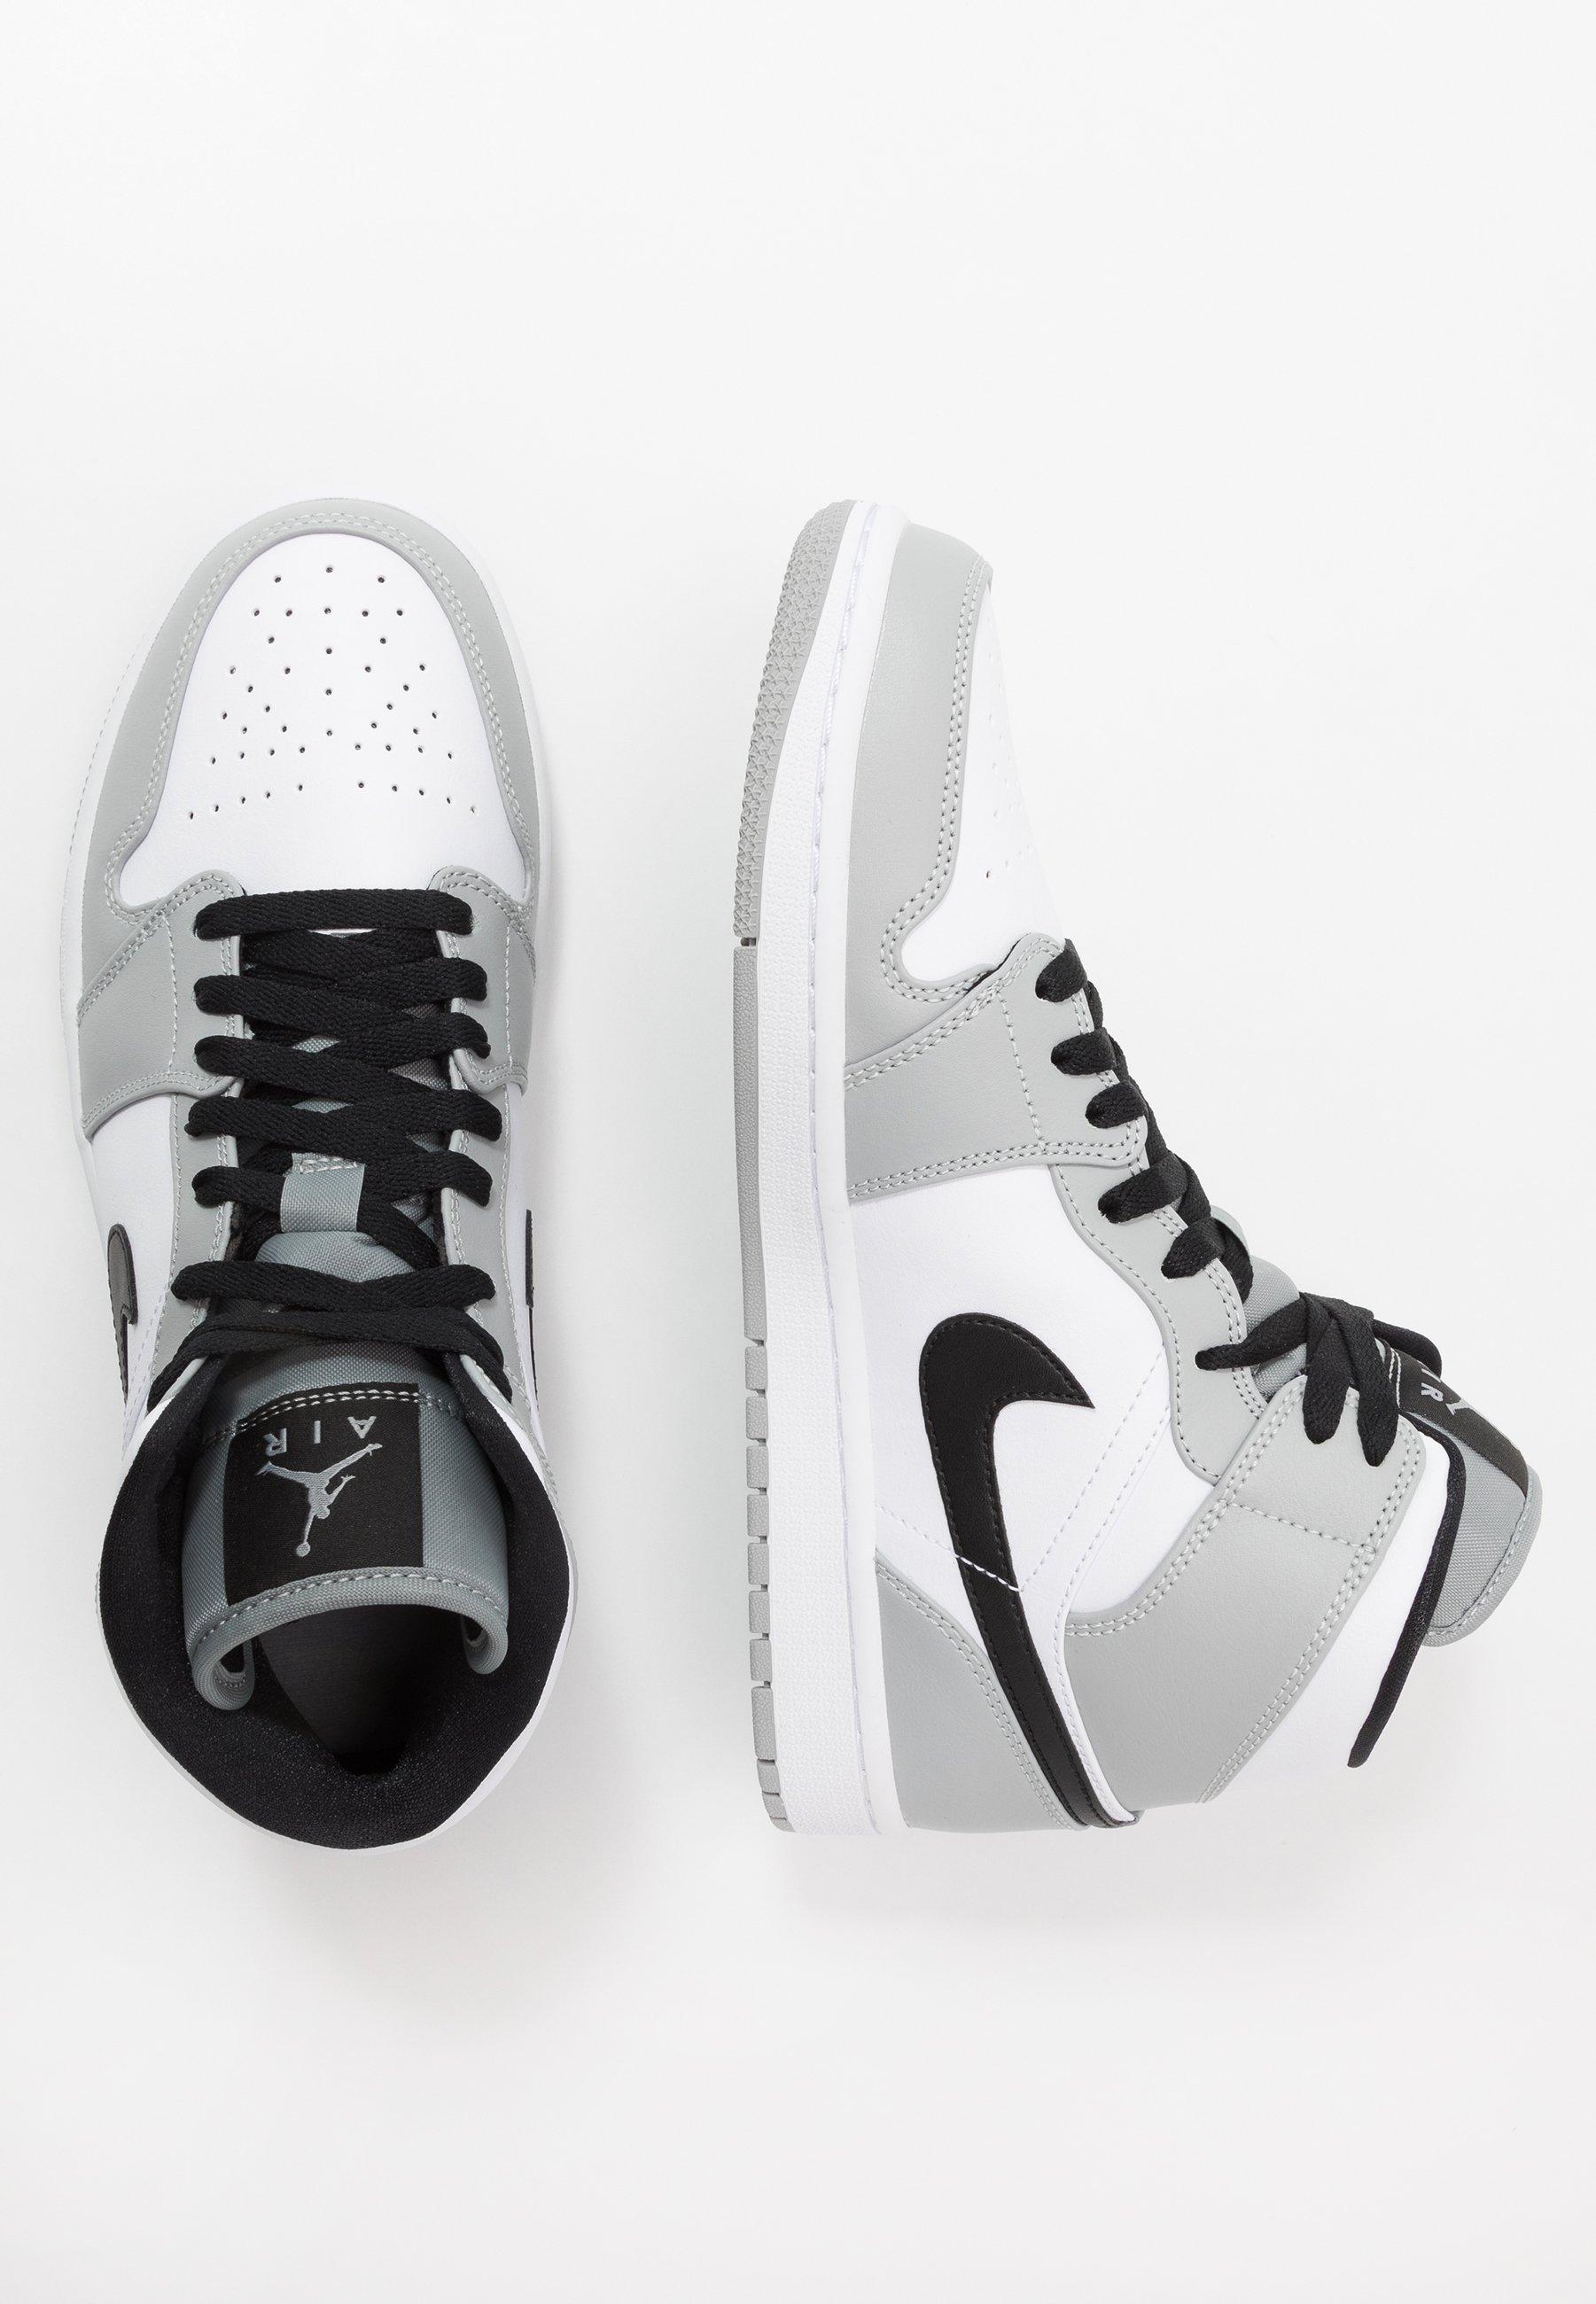 AIR 1 MID Höga sneakers light smoke greyblackwhite